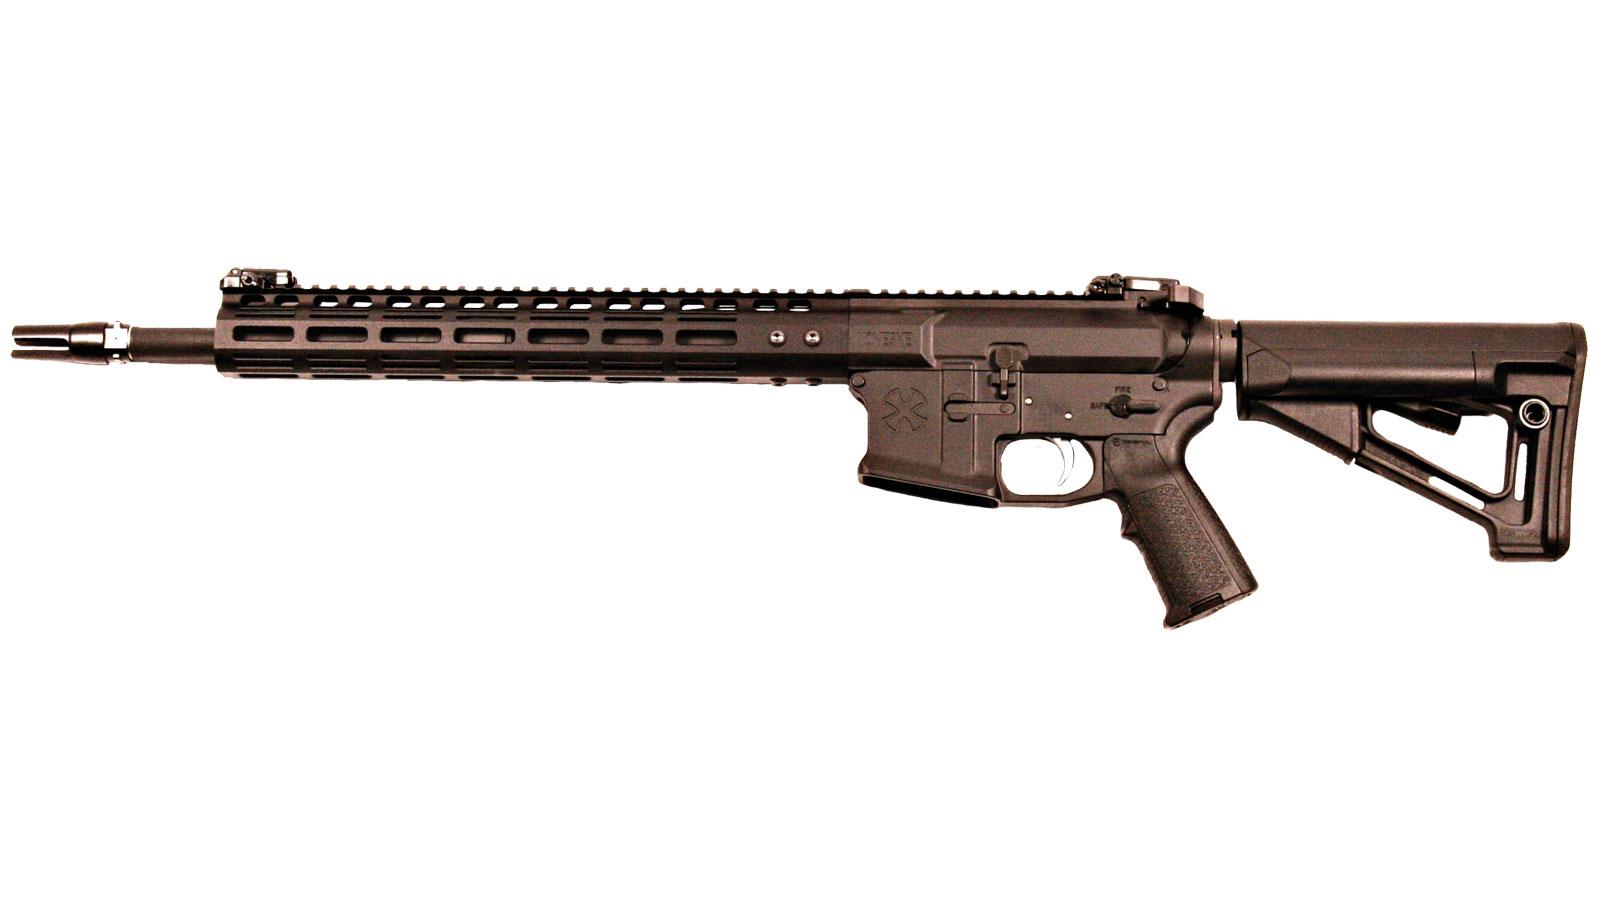 Noveske 02000430 Light Recce Gen III M-Lok Semi-Automatic 223 Remington/5.56 NATO 16